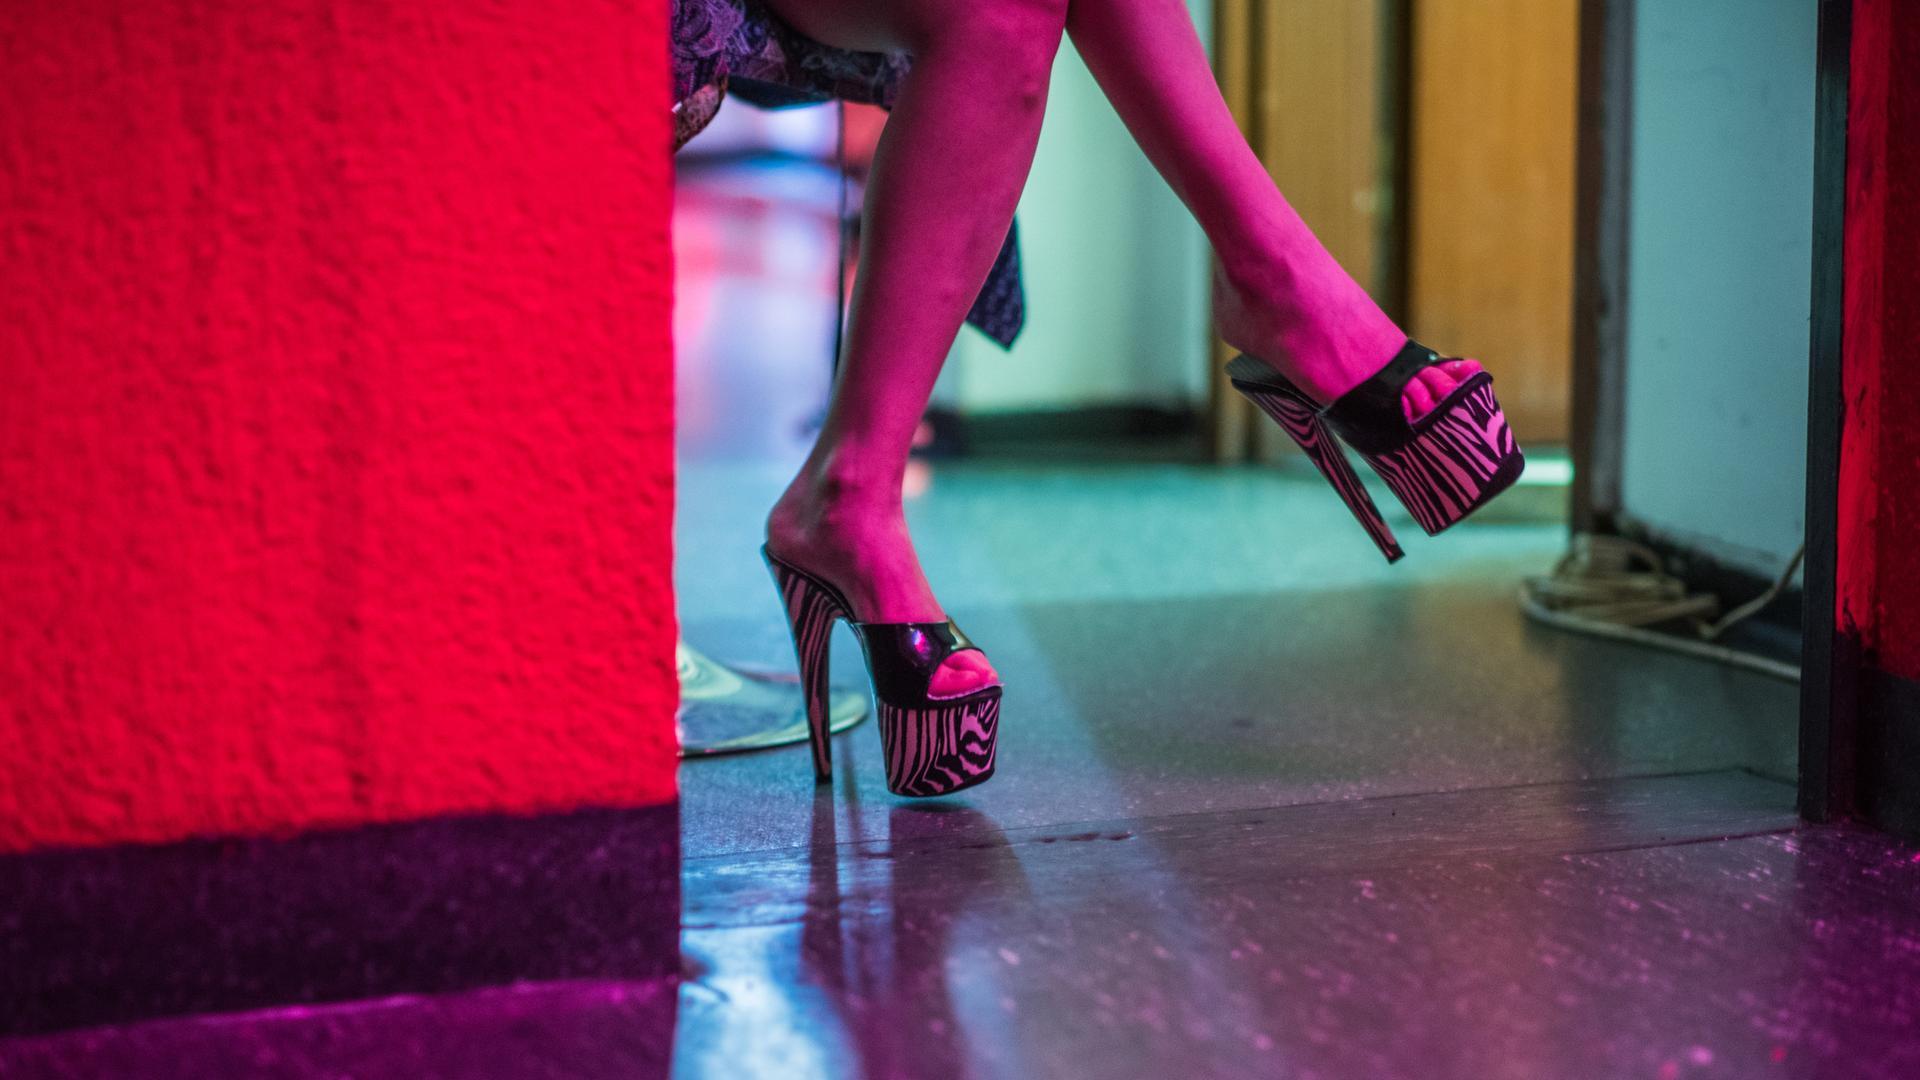 Eine Prostituierte wartet auf ihrem Zimmer in einem Bordell in Frankfurt am Main.